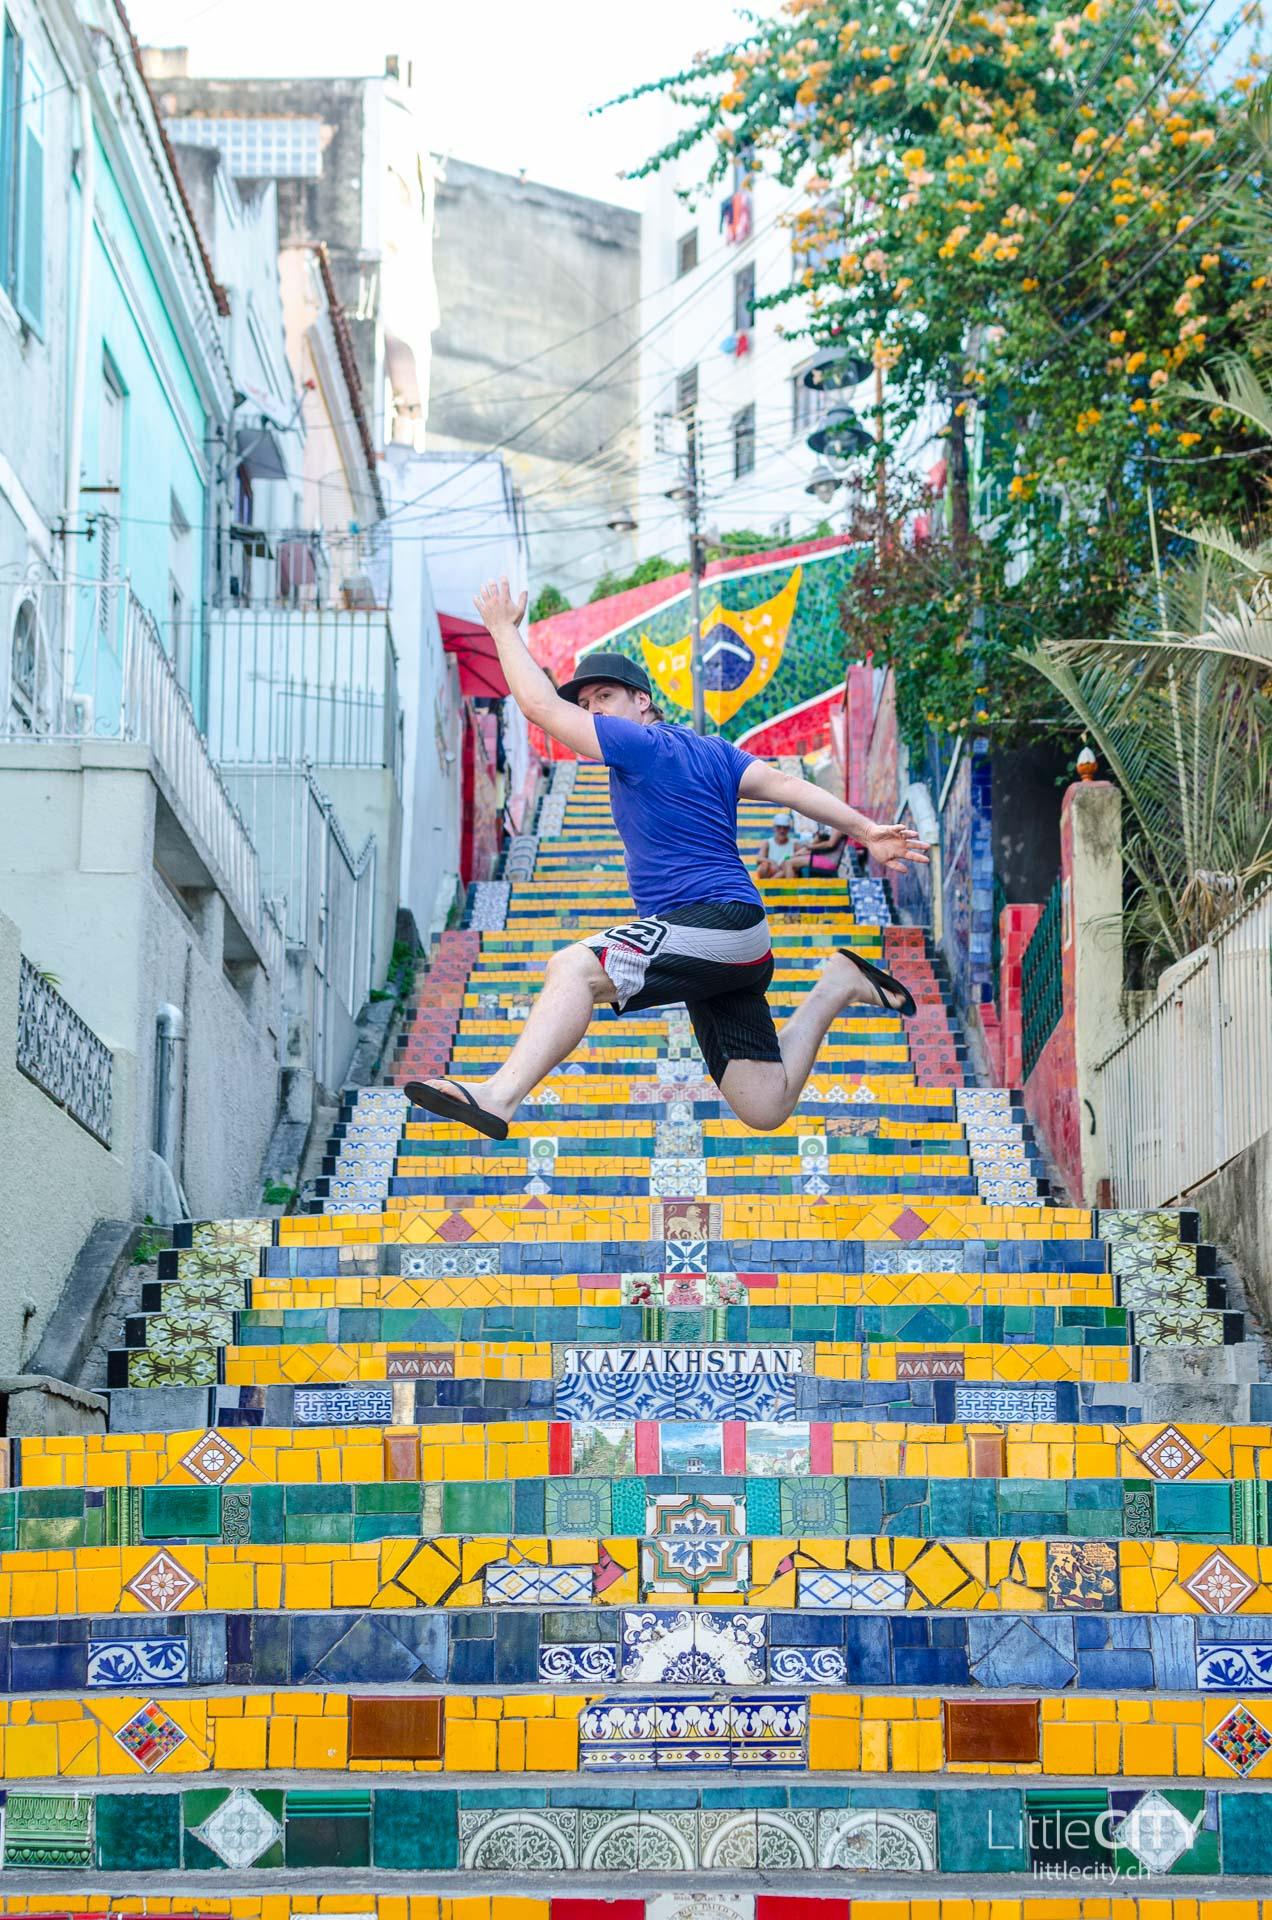 Escadaria Selaron Rio de Janeiro LittleCITY-5